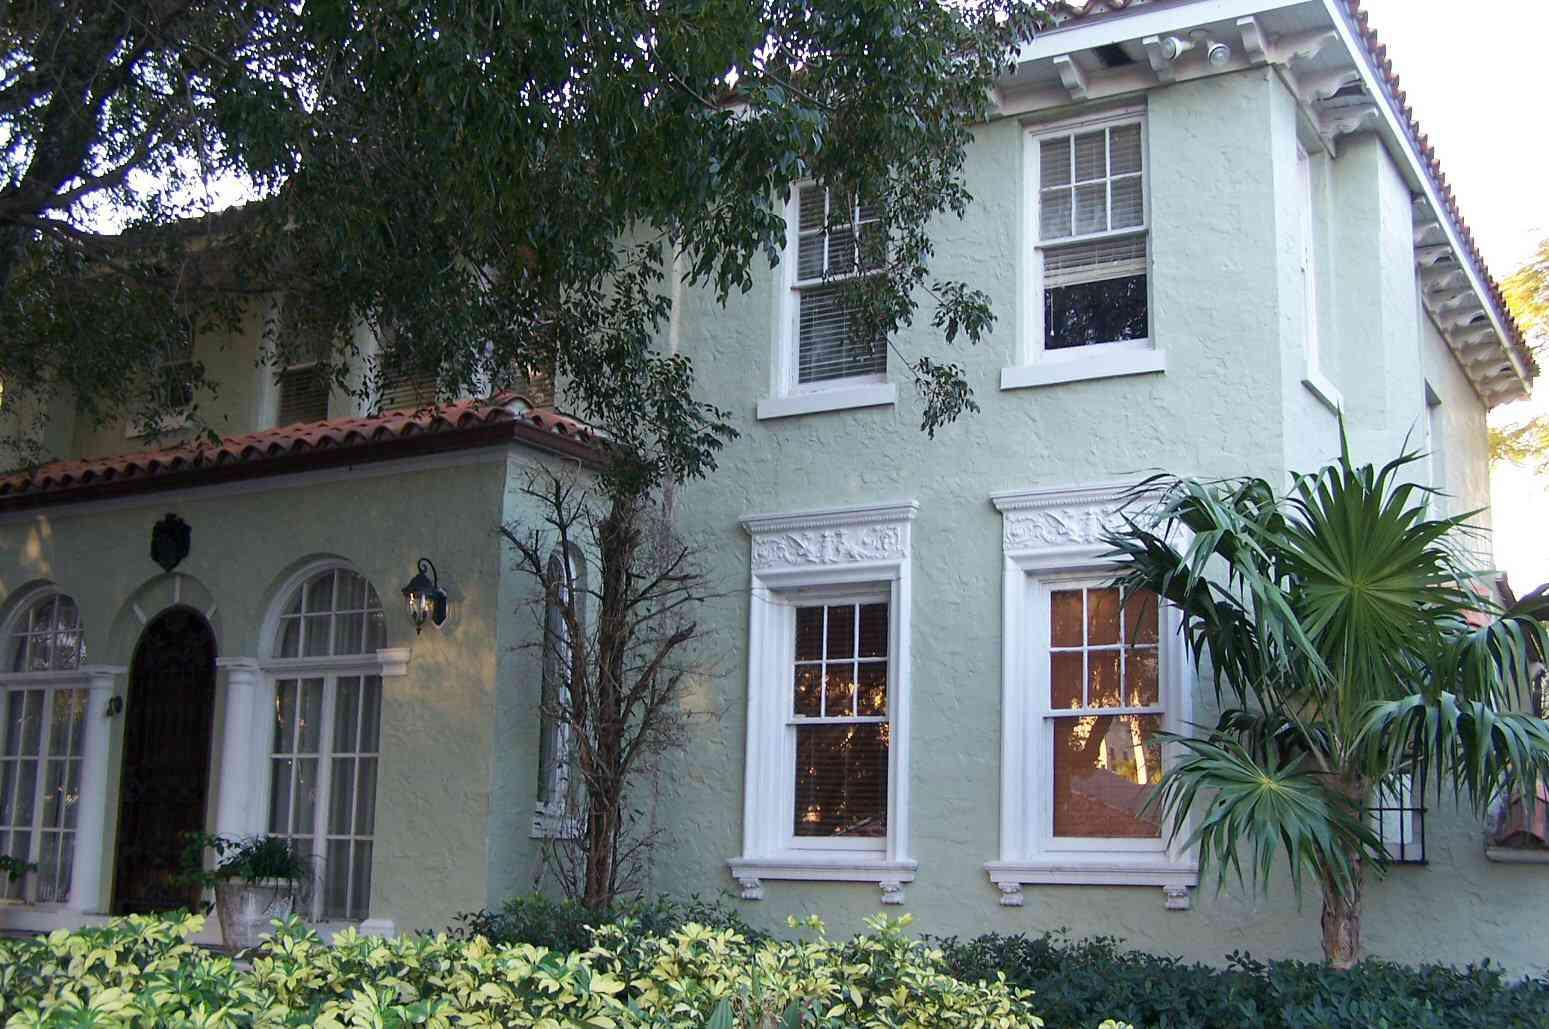 Estuco verde pálido, molduras blancas, dos pisos, aleros colgantes, entrada frontal con ventanas y puertas arqueadas